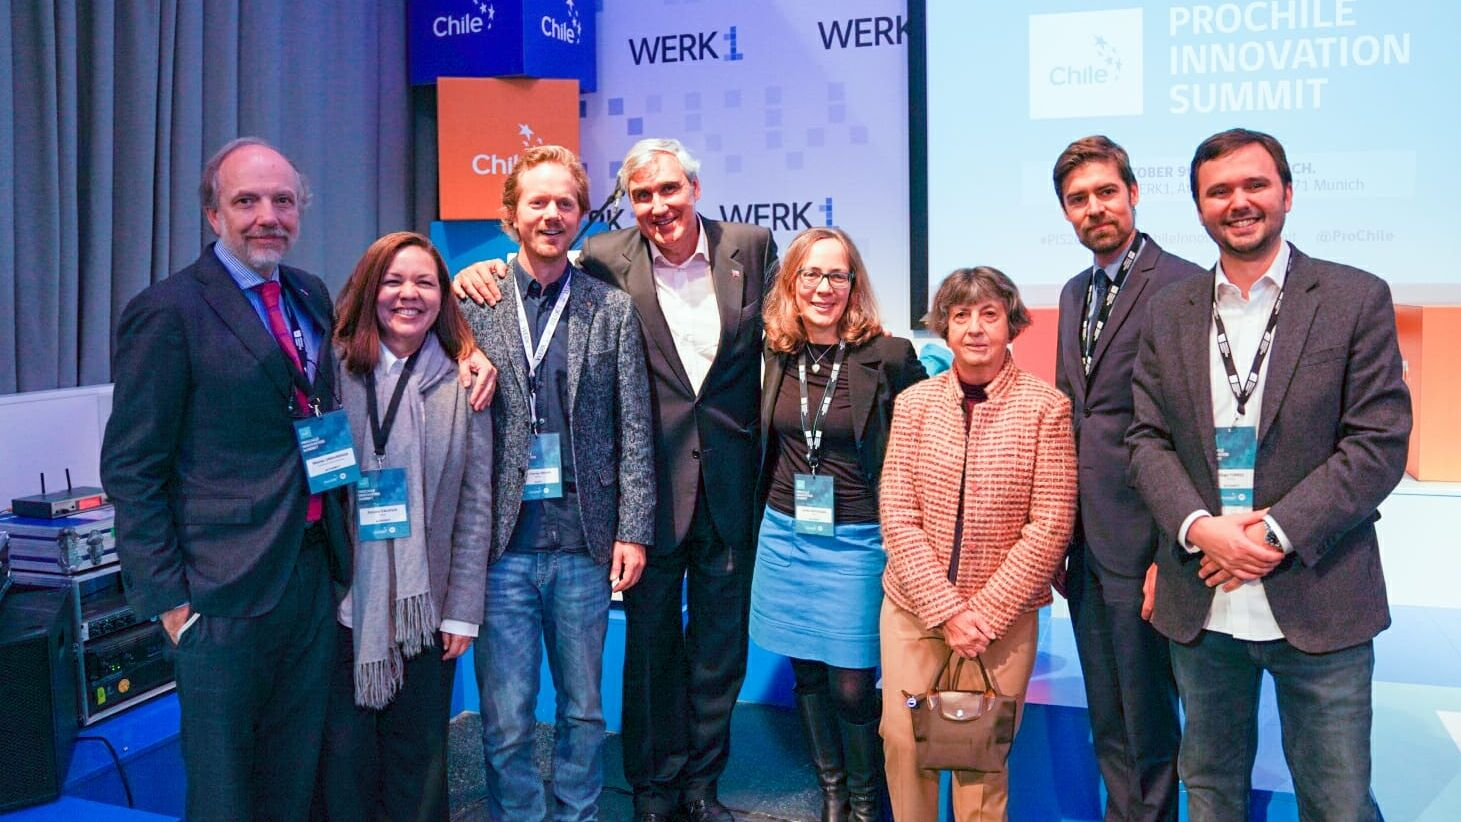 Wichtige Vertreter bayerisch-chilenischer Wirtschaftsbeziehungen beim Gruppenfoto